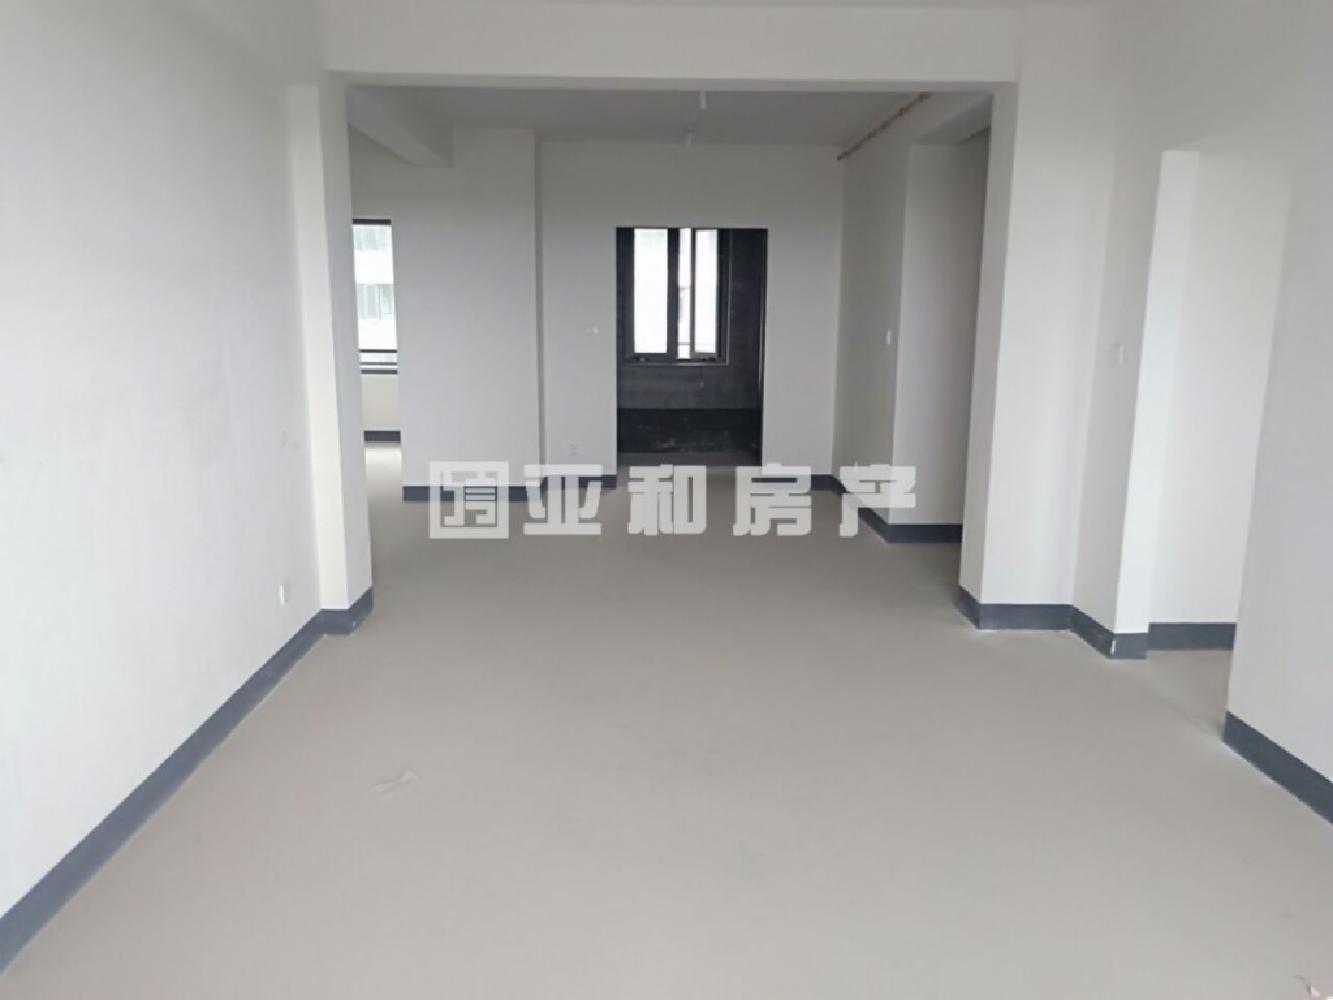 九州百合 72平方 96万 毛坯新房 可自主装修 随时看房